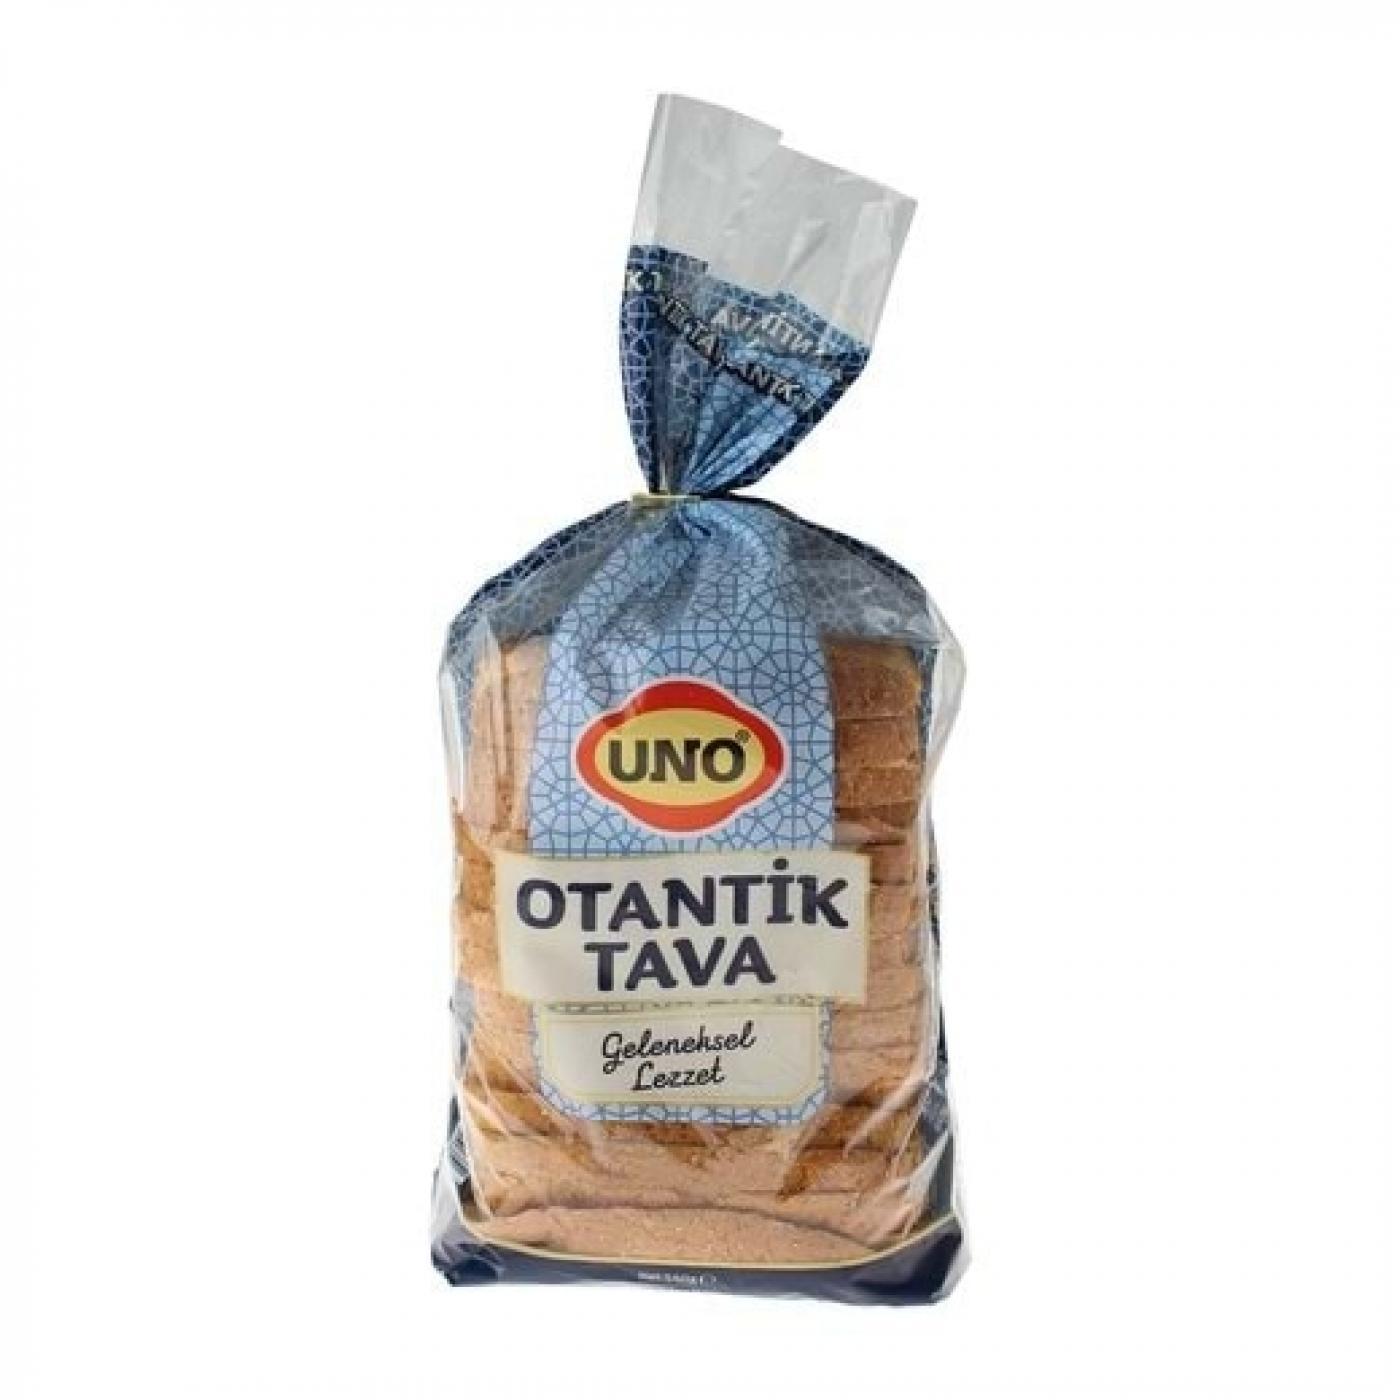 UNO OTANTİK TAVA 550GR